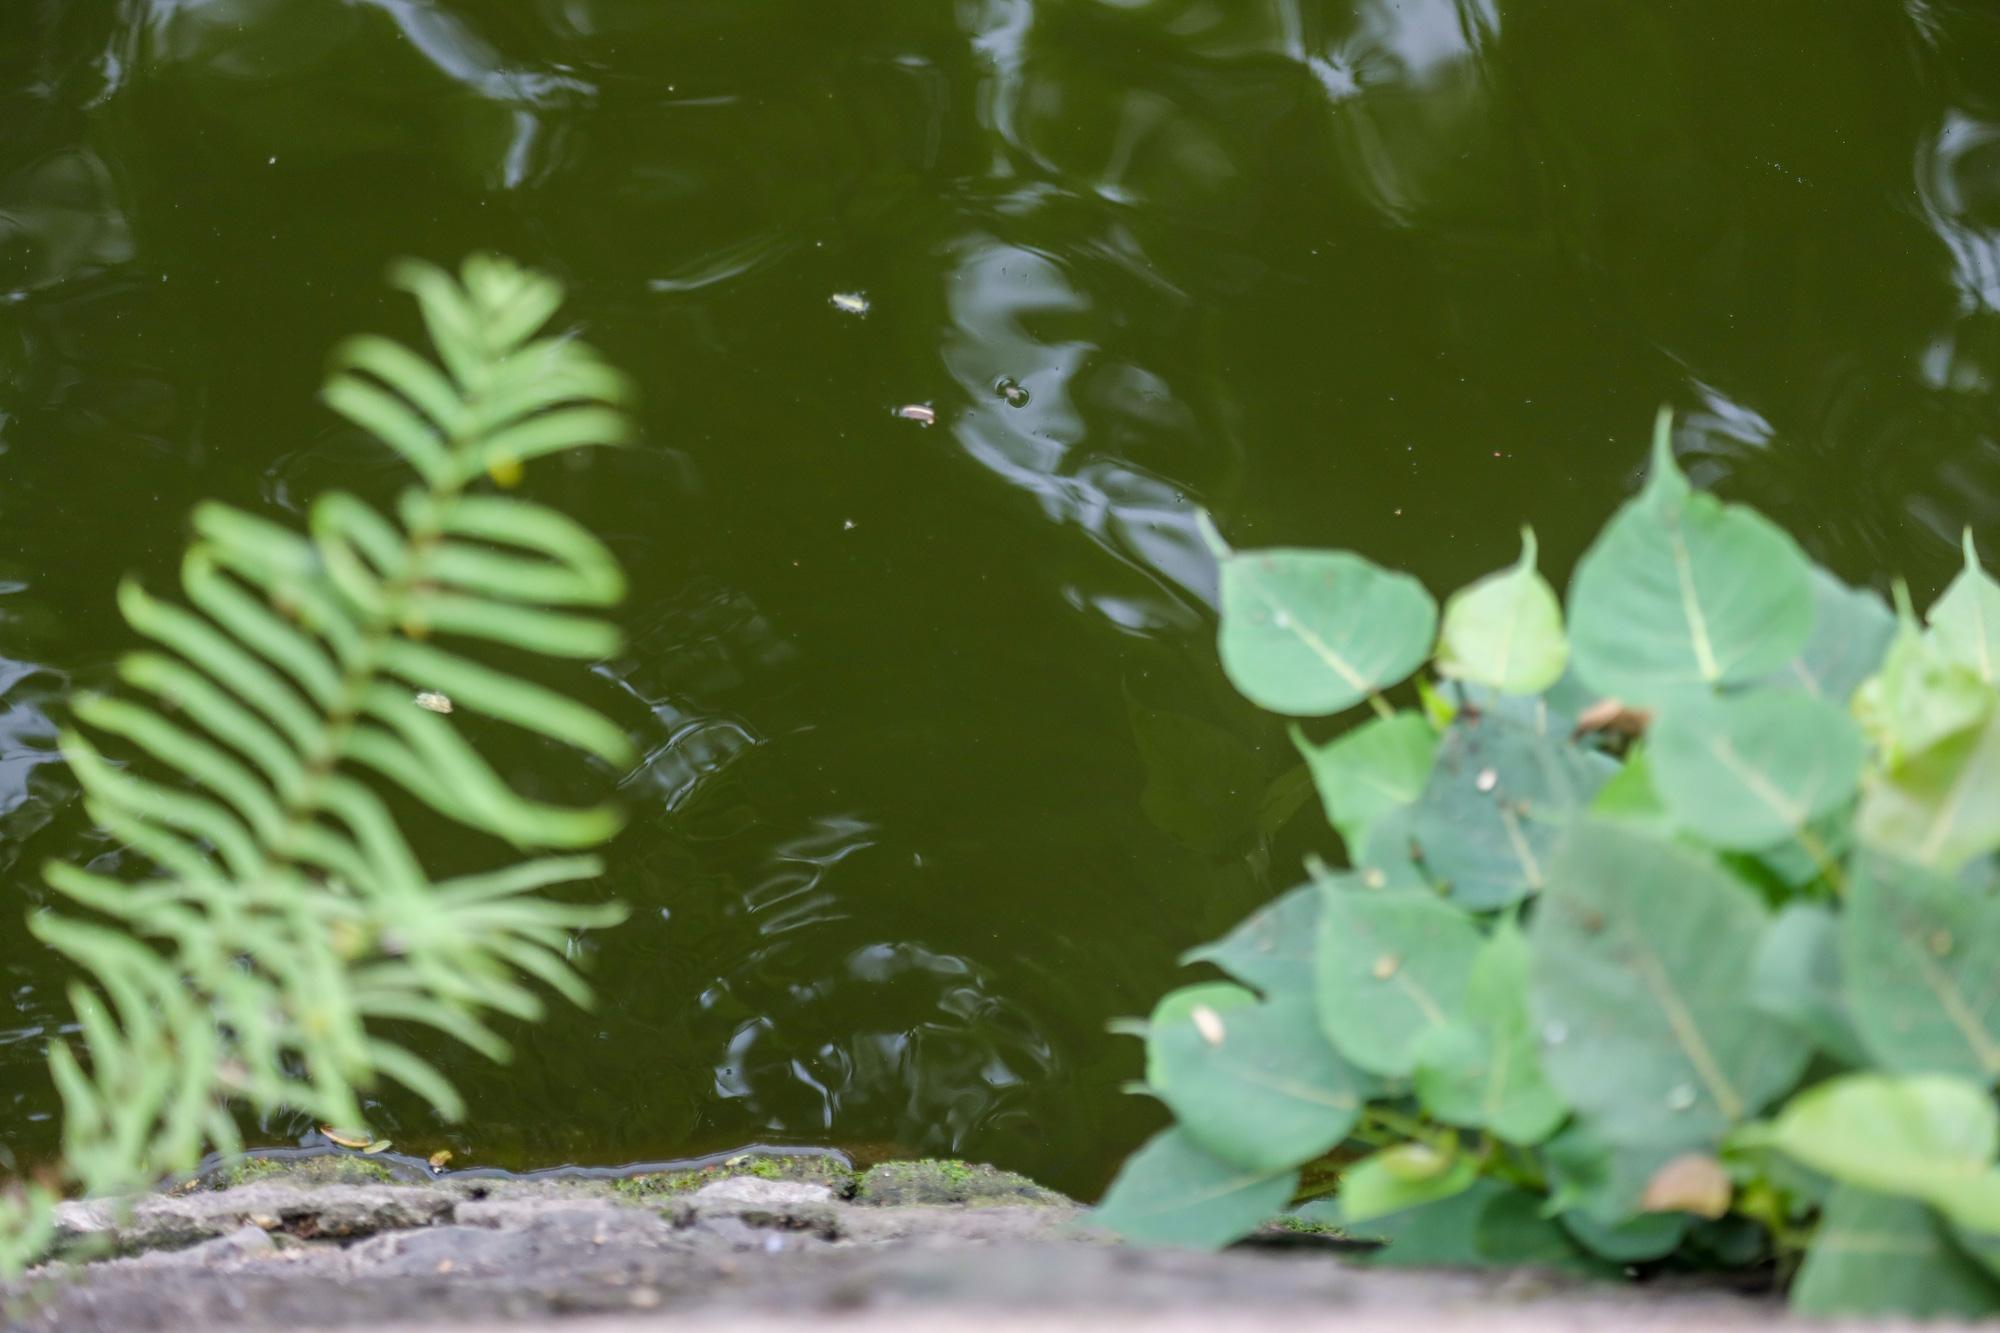 Nước hồ Tây có dấu hiệu ô nhiễm, bất ngờ chuyển màu xanh rêu đậm - Ảnh 6.